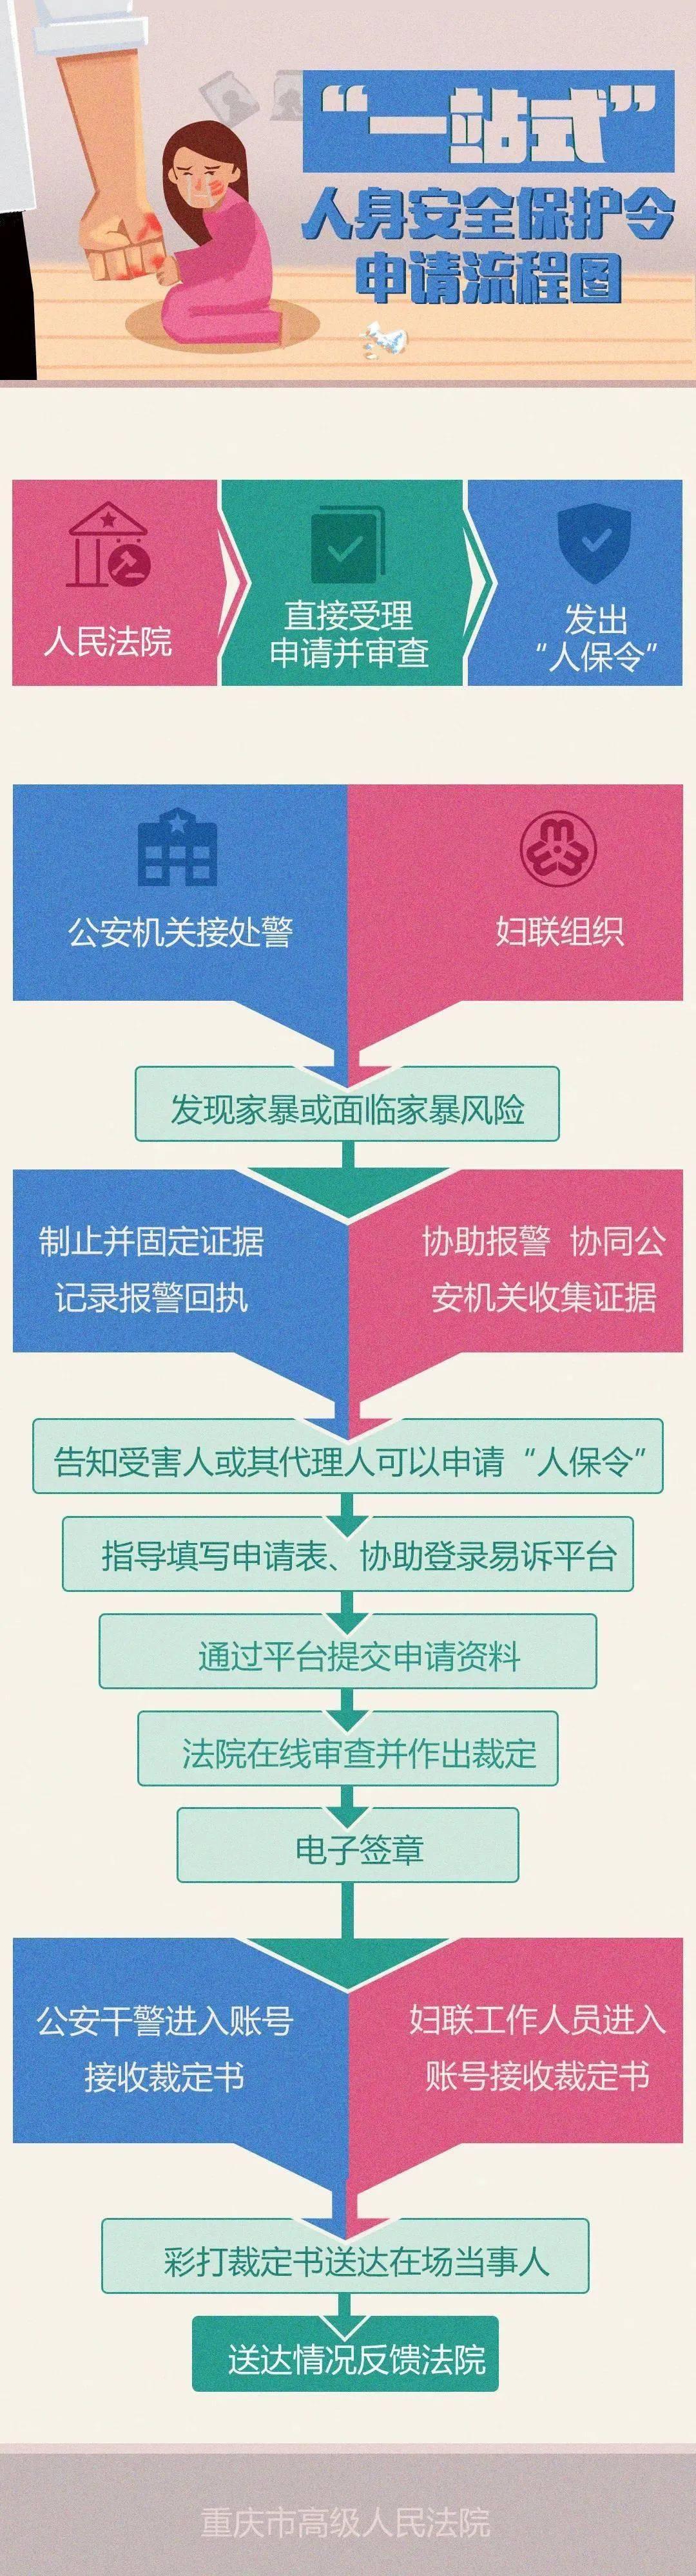 """向家暴说""""不""""!在重庆可一站式申请人身安全保护令"""